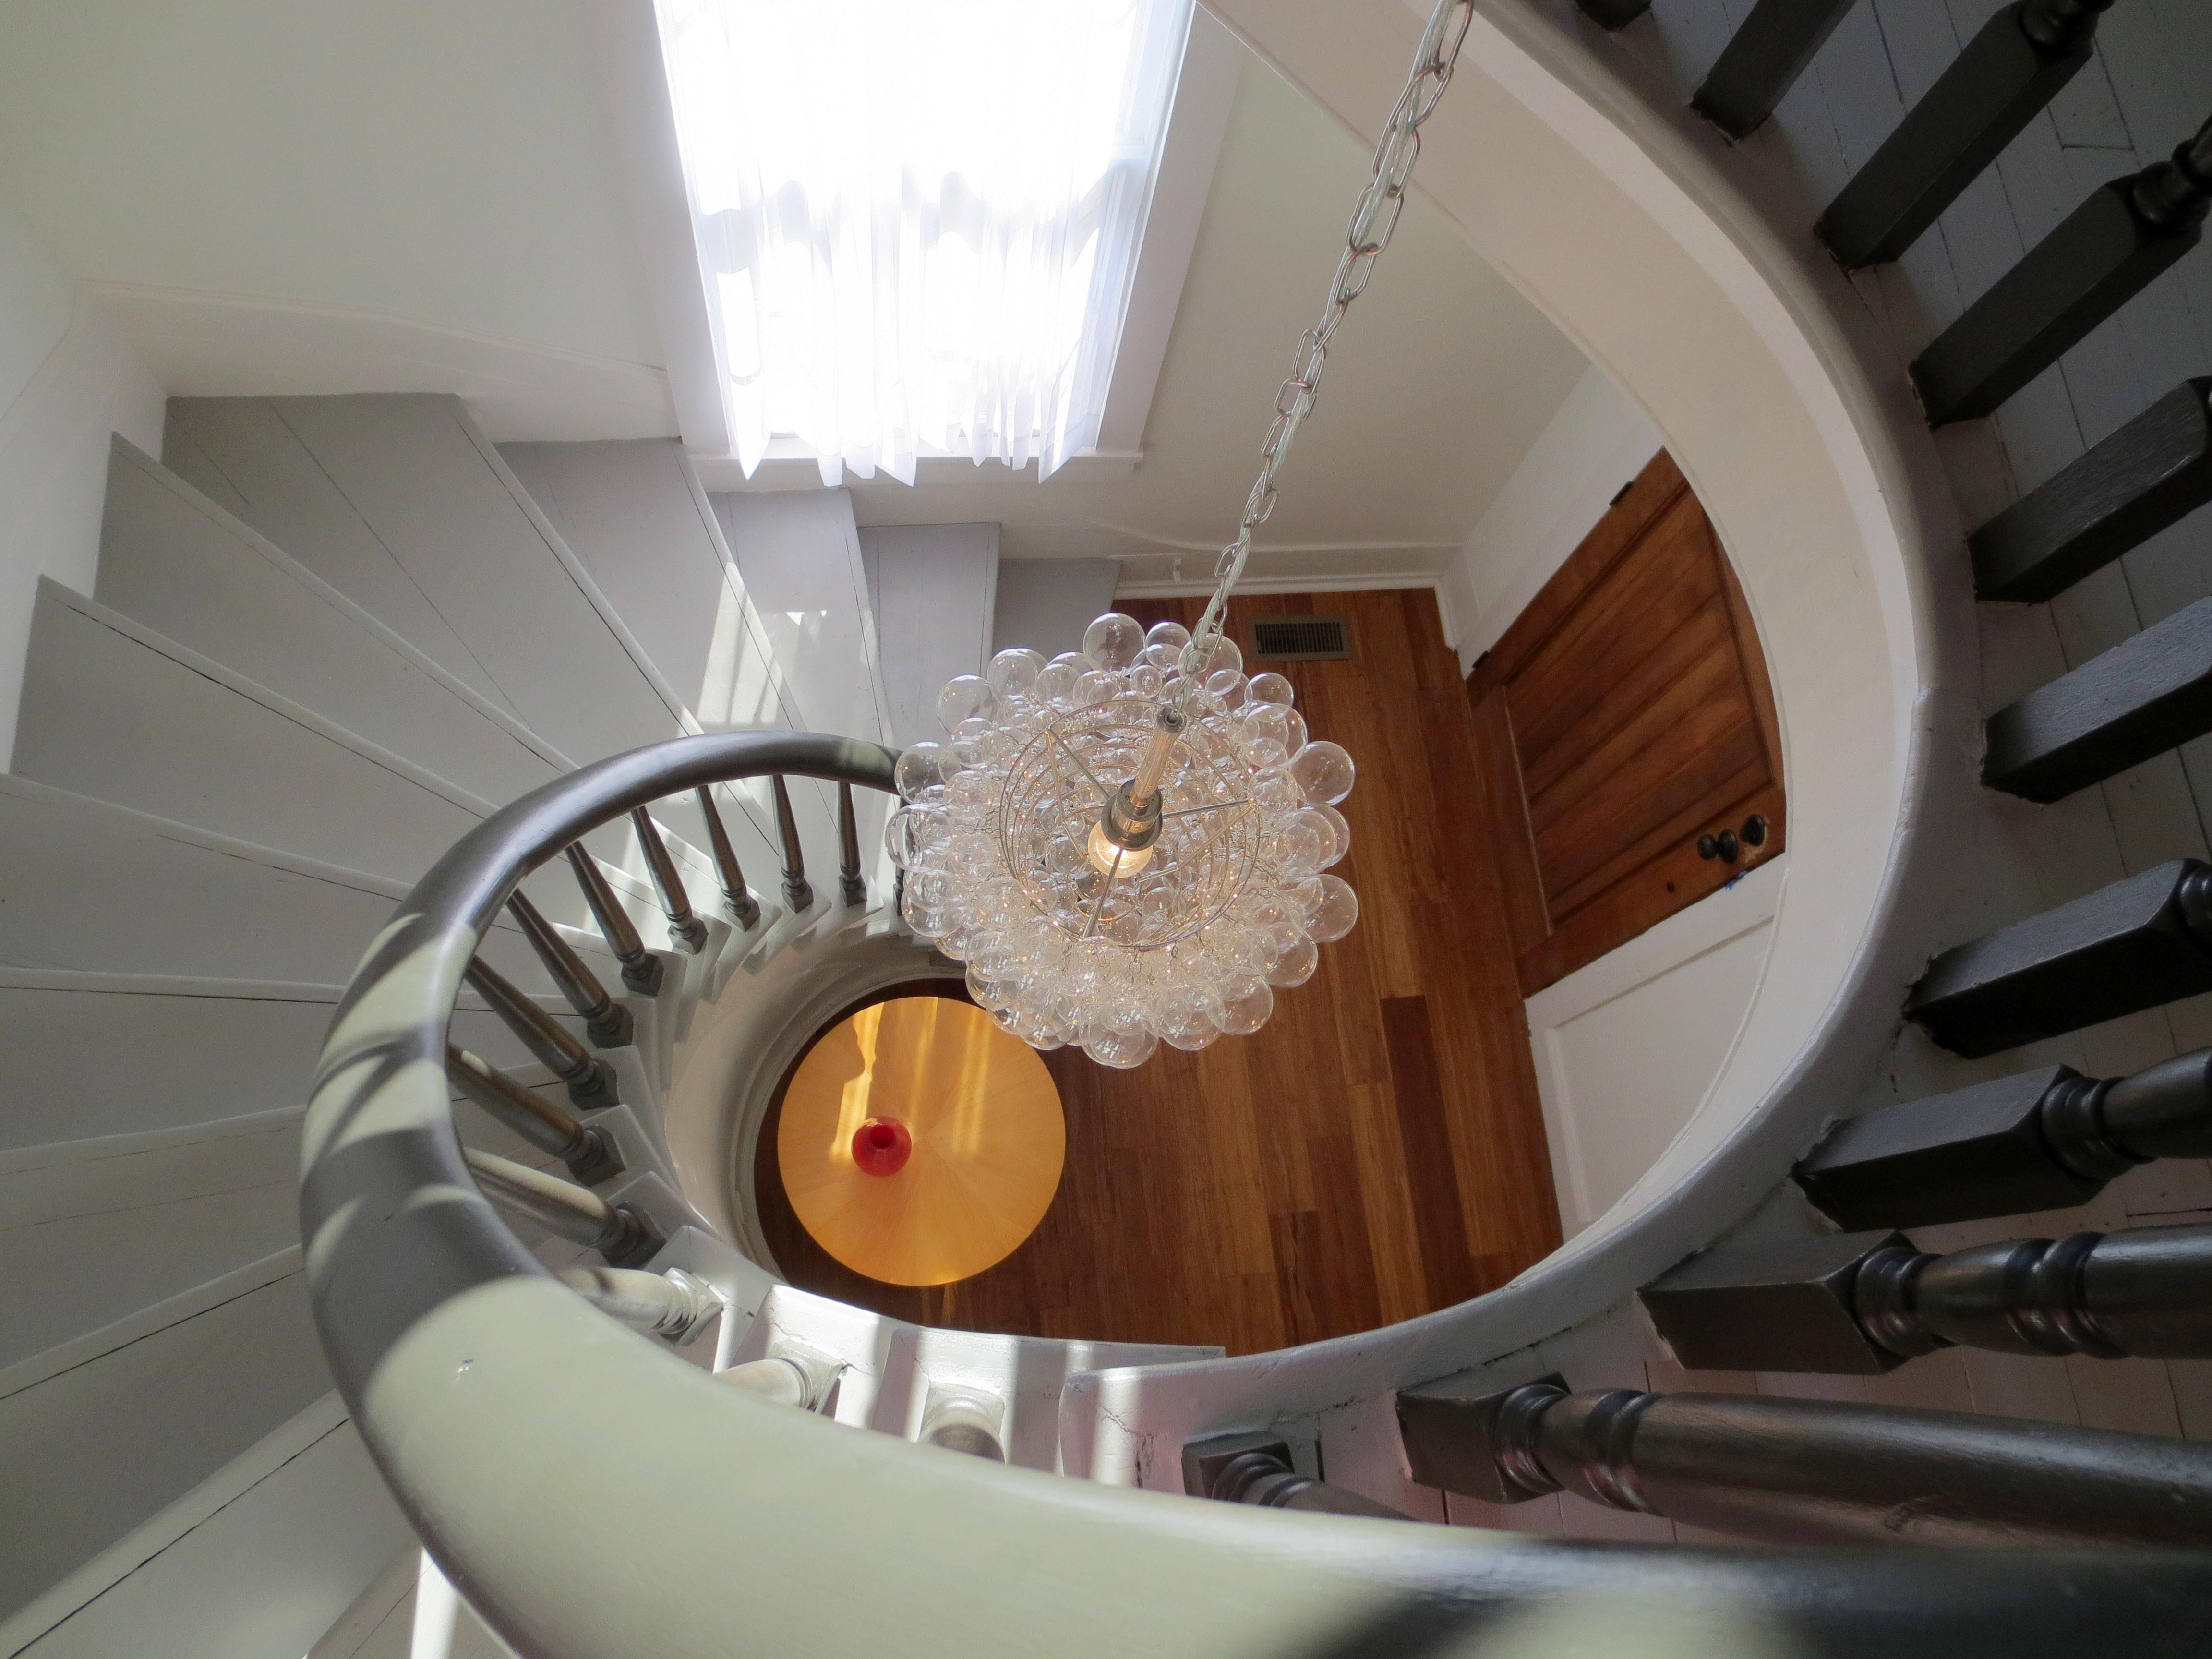 The Landmark restored spiral stairway looking down